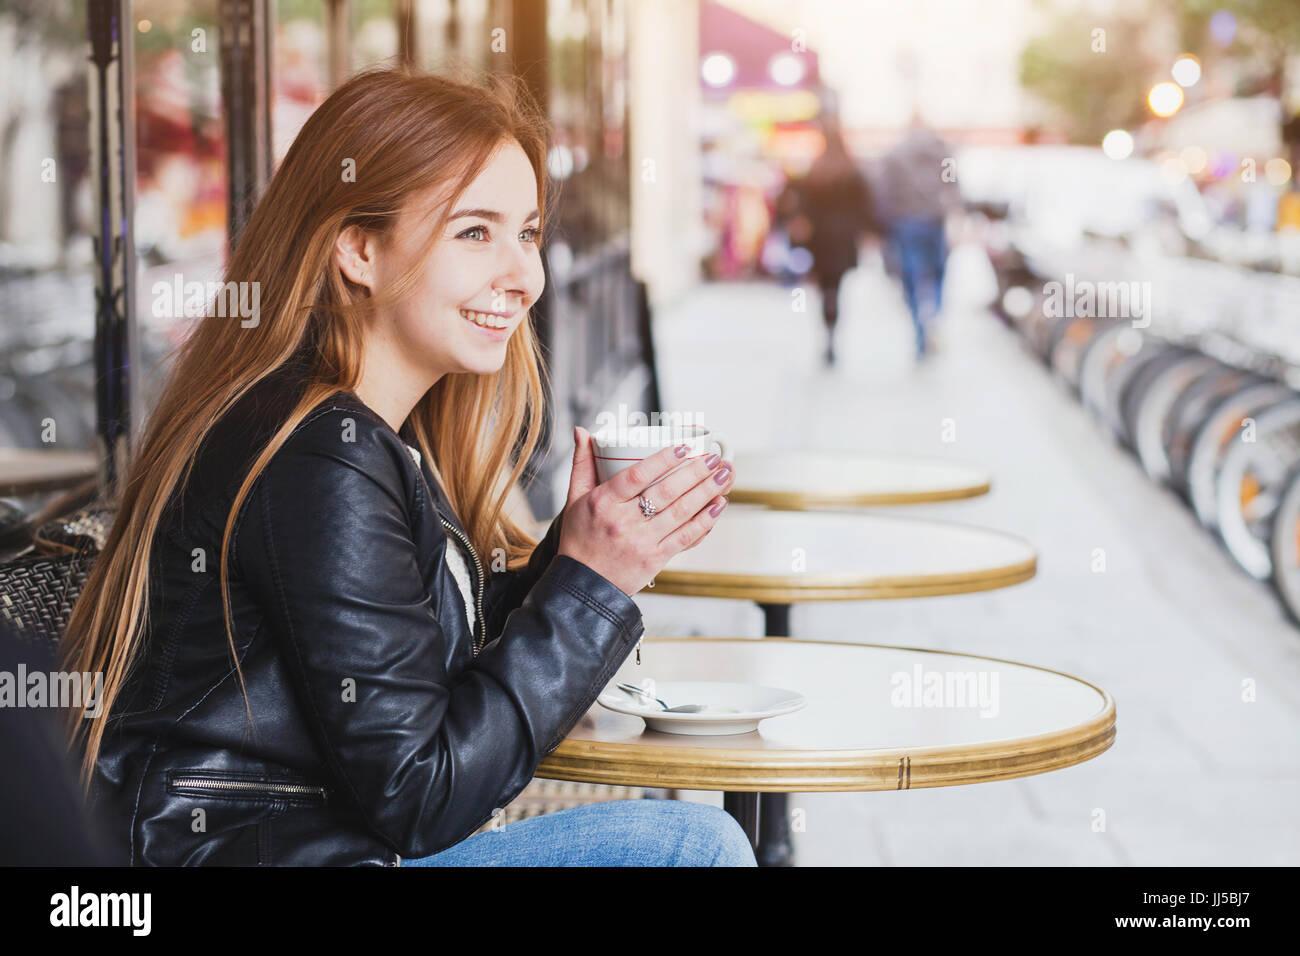 Happy smiling woman avec tasse de café au café de la rue en Europe, pretty girl à paris Photo Stock